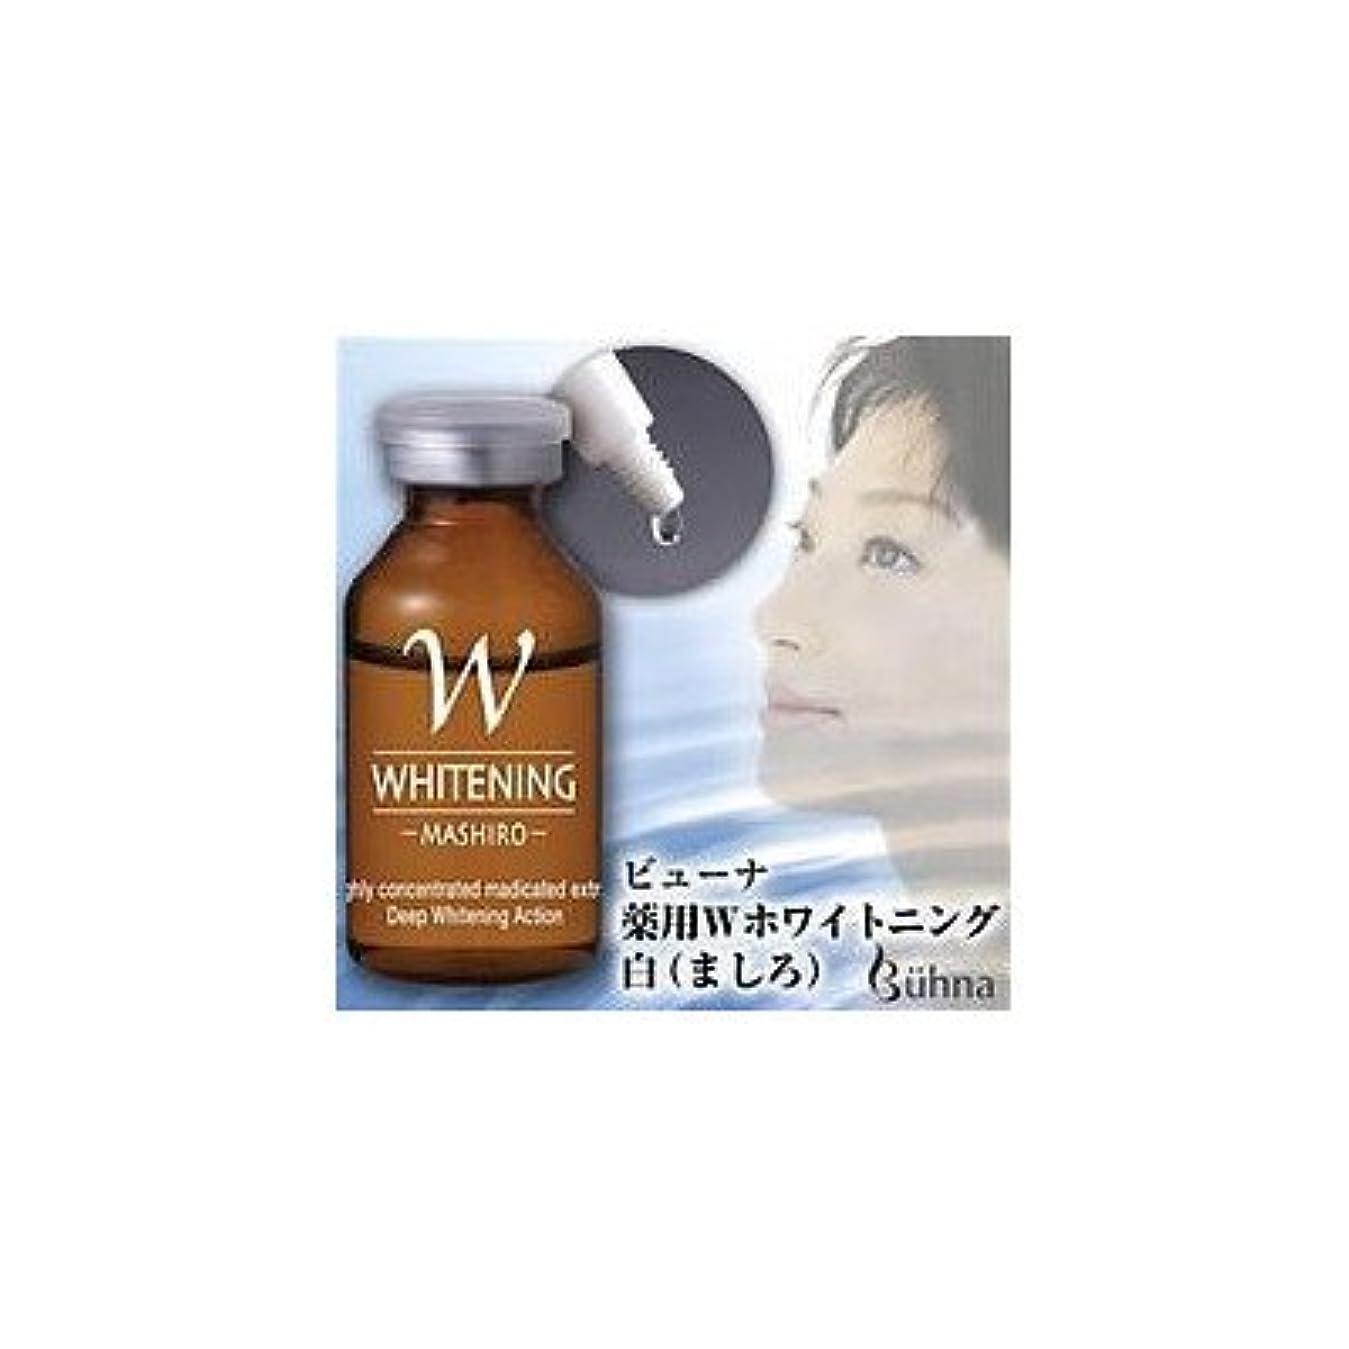 制裁飢饉カップル翌朝の肌で感じる美肌力 ビューナ 薬用Wホワイトニング 白